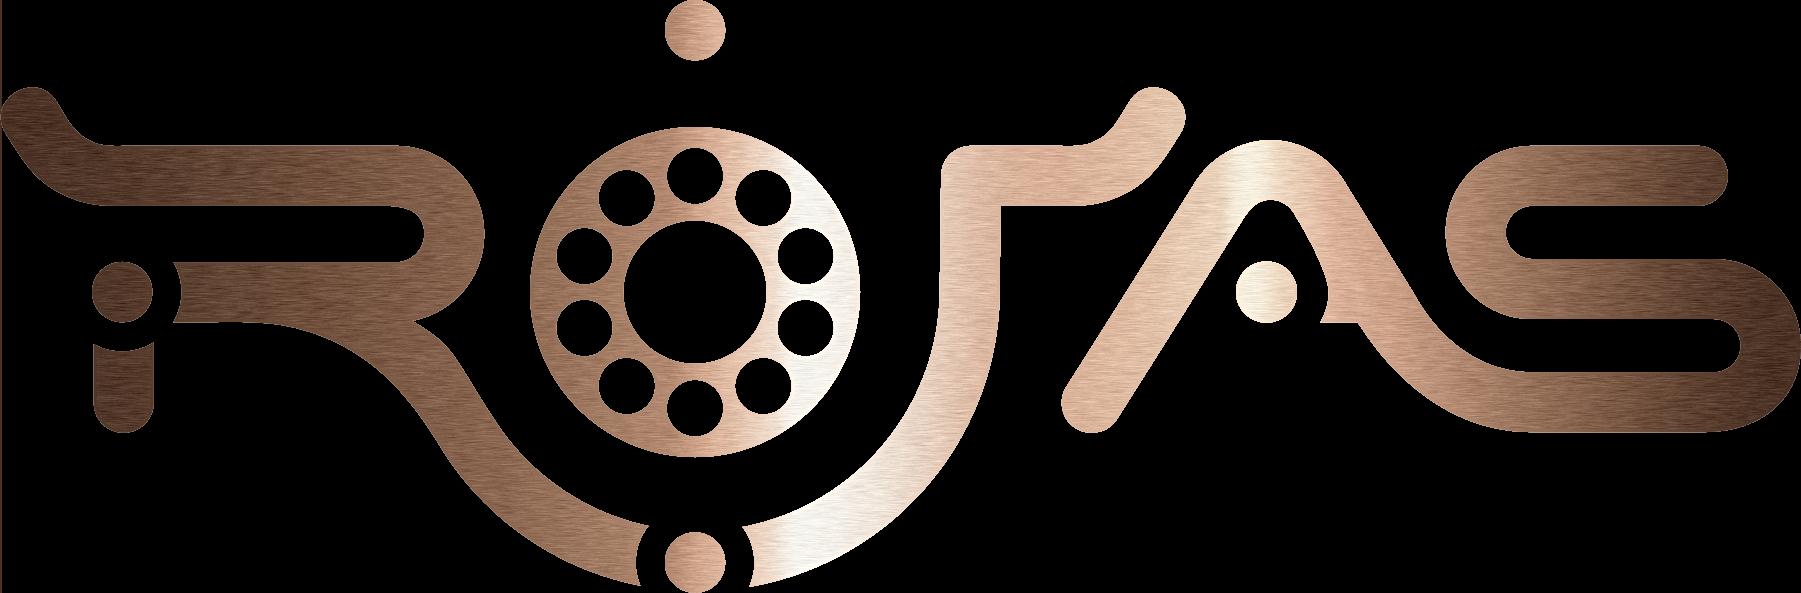 Rojas Trucks Logo